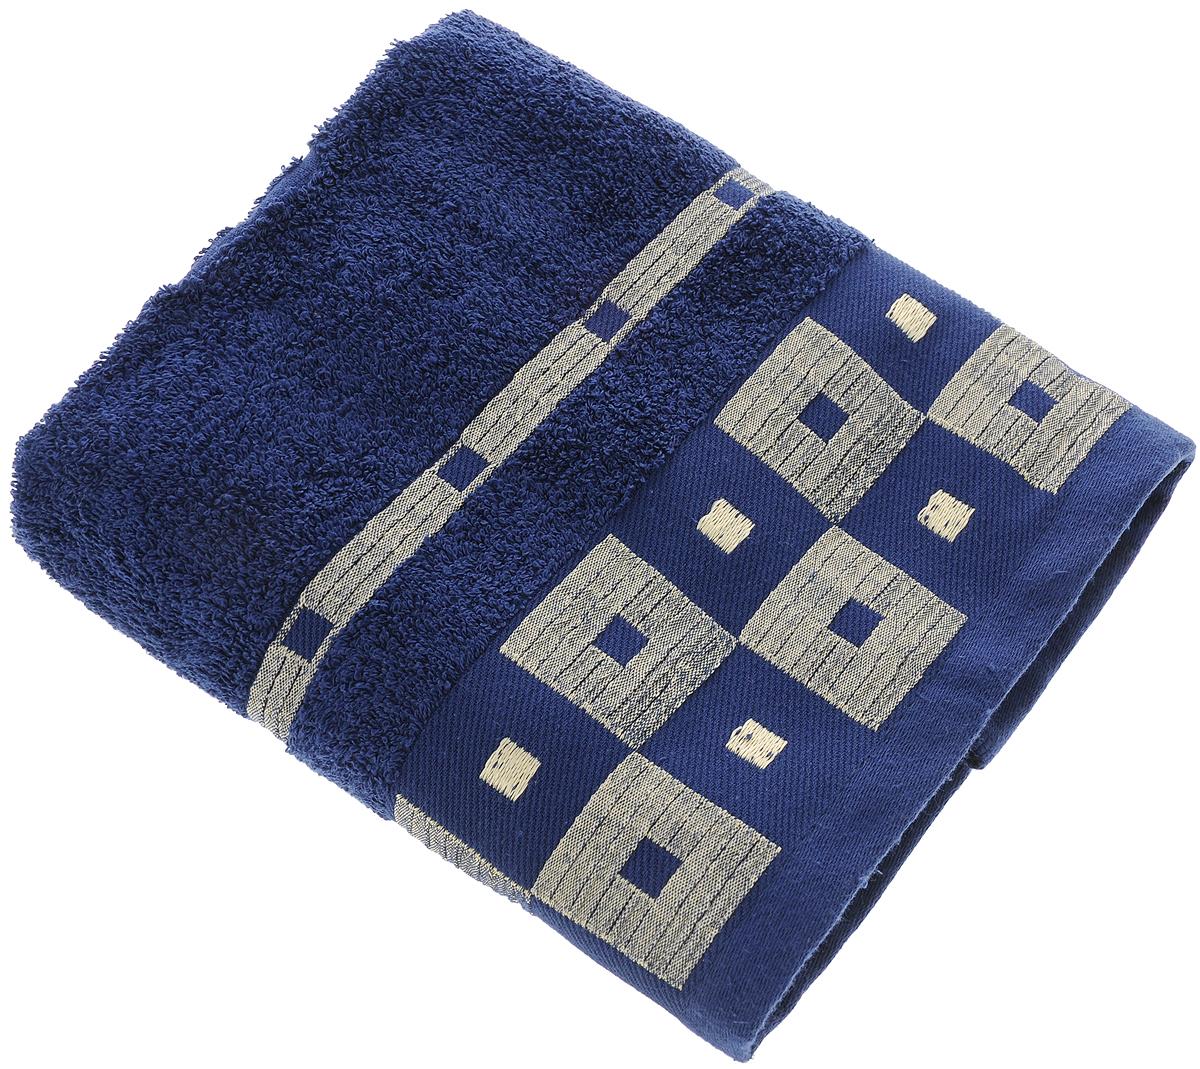 Полотенце Aisha Home Textile, цвет: синий, 50 х 90 см. УзТ-ПМ-112-08-19кУзТ-ПМ-112-09-19кМахровые полотенца AISHA Home Textile идеальное сочетание цены и качества. Полотенца упакованы в стильную подарочную коробку. В состав входит только натуральное волокно - хлопок. Лаконичные бордюры подойдут для любого интерьера ванной комнаты. Полотенца прекрасно впитывает влагу и быстро сохнут. При соблюдении рекомендаций по уходу не линяют и не теряют форму даже после многократных стирок. Состав: 100% хлопок.